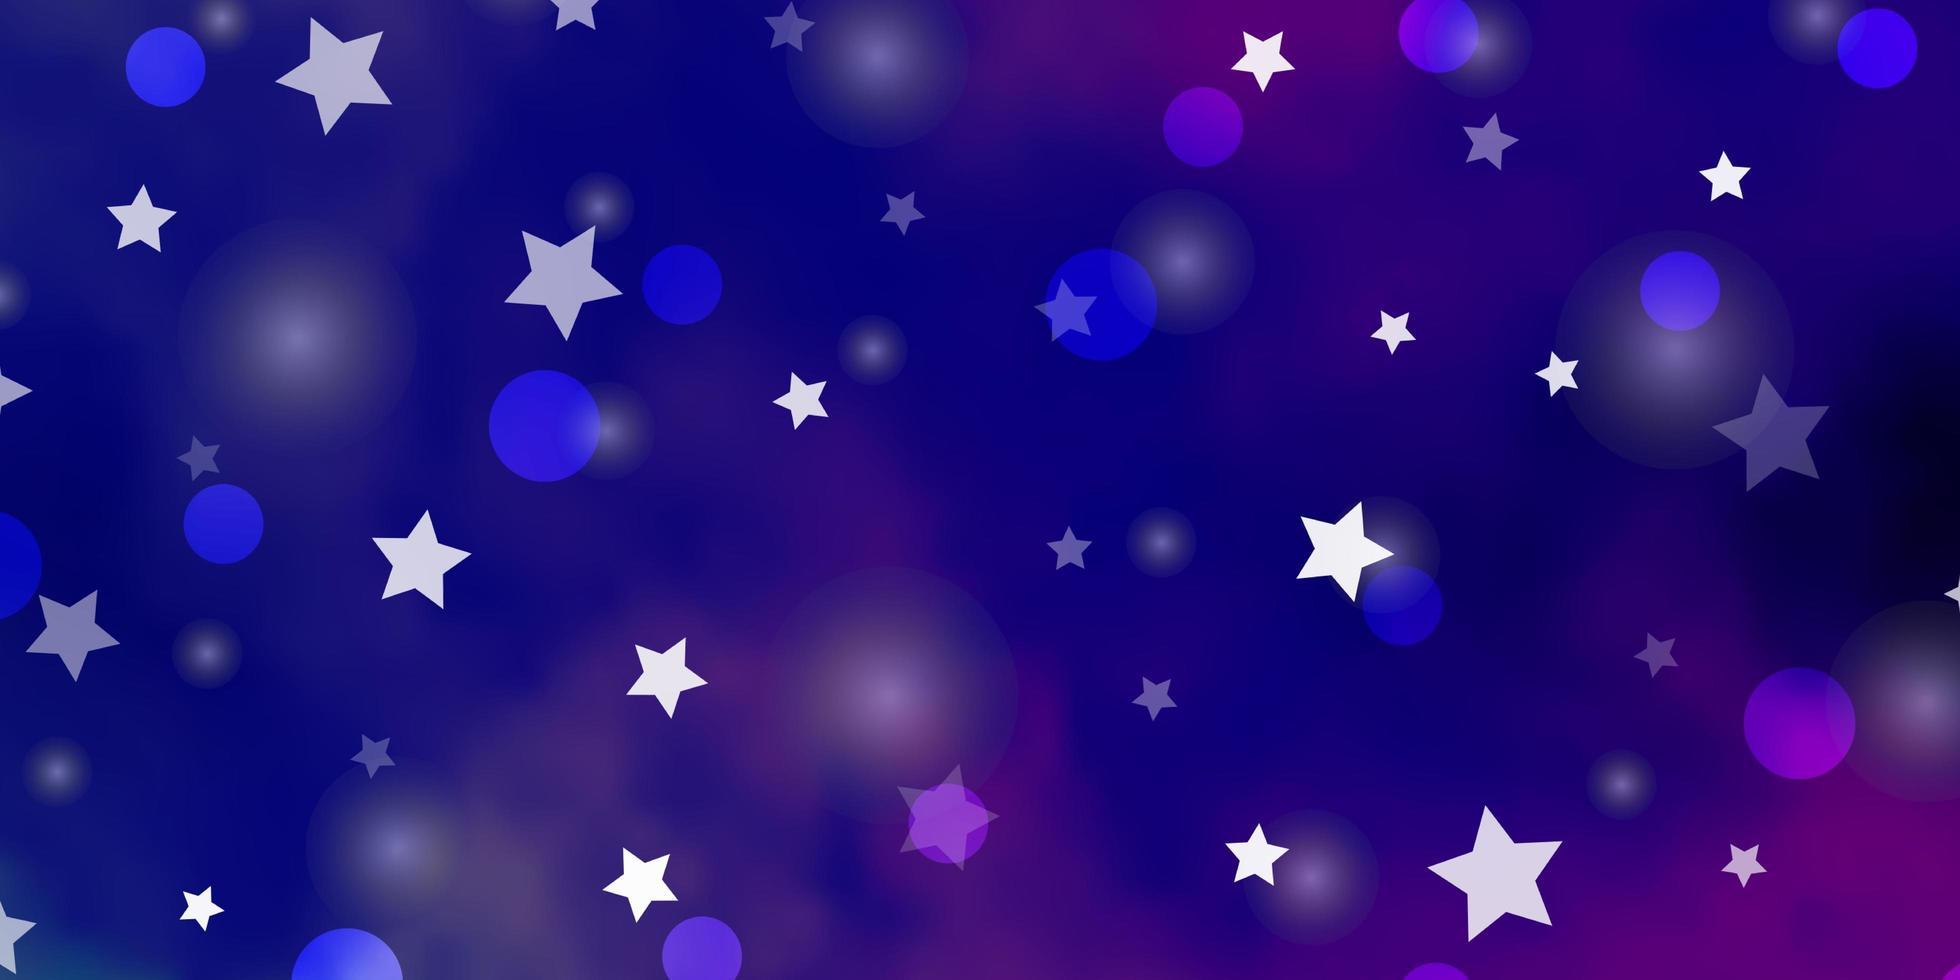 sfondo viola e rosa con cerchi e stelle. vettore